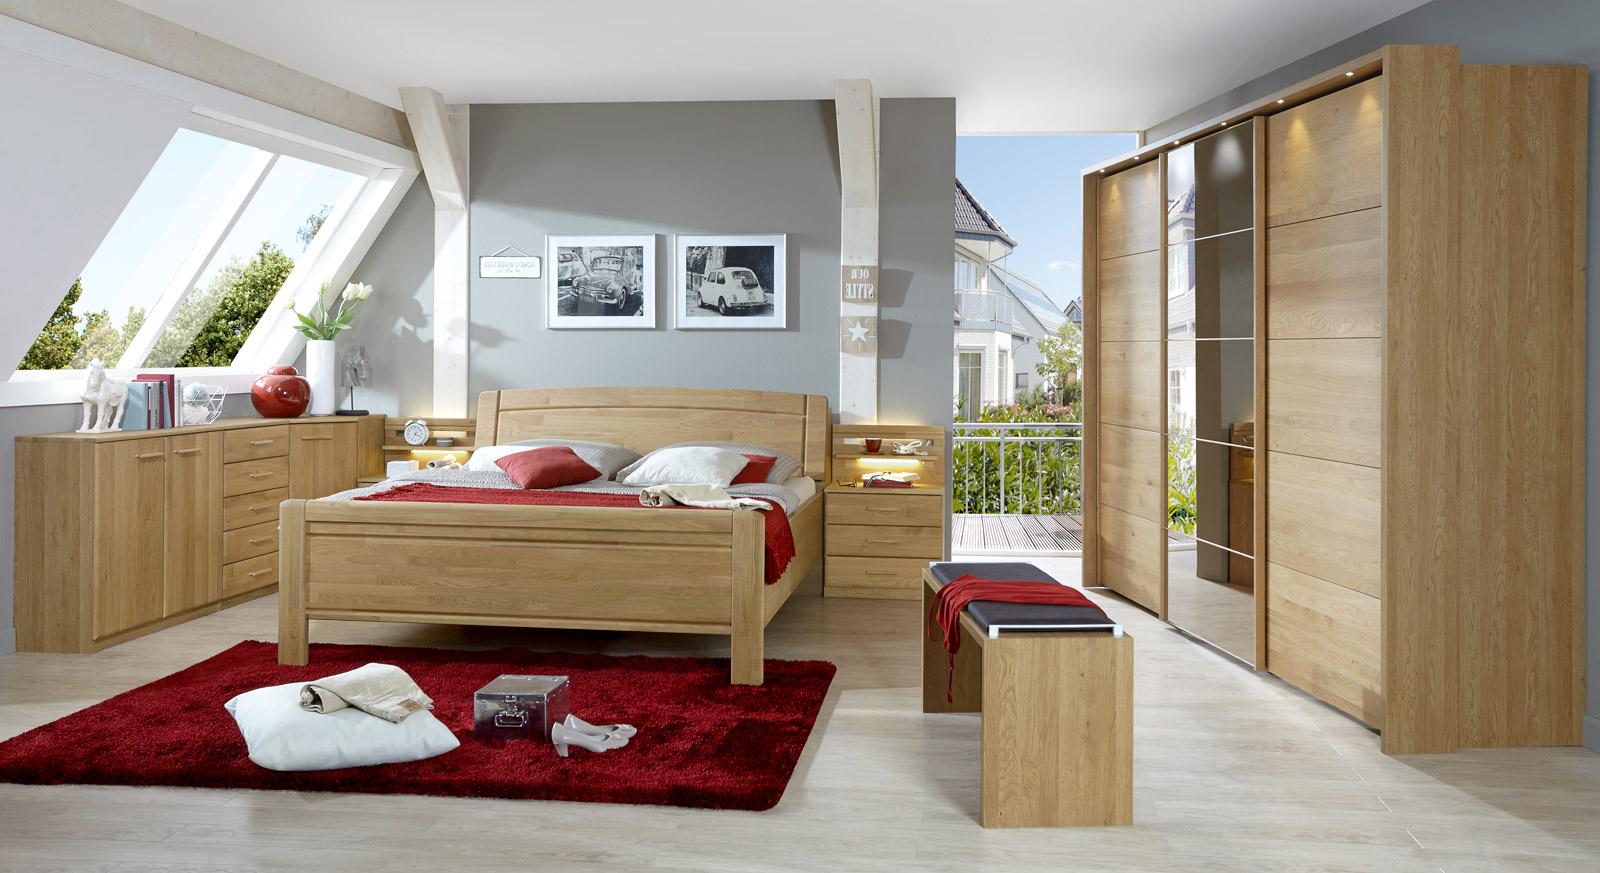 schlafzimmer landhausstil schlafzimmer komplett